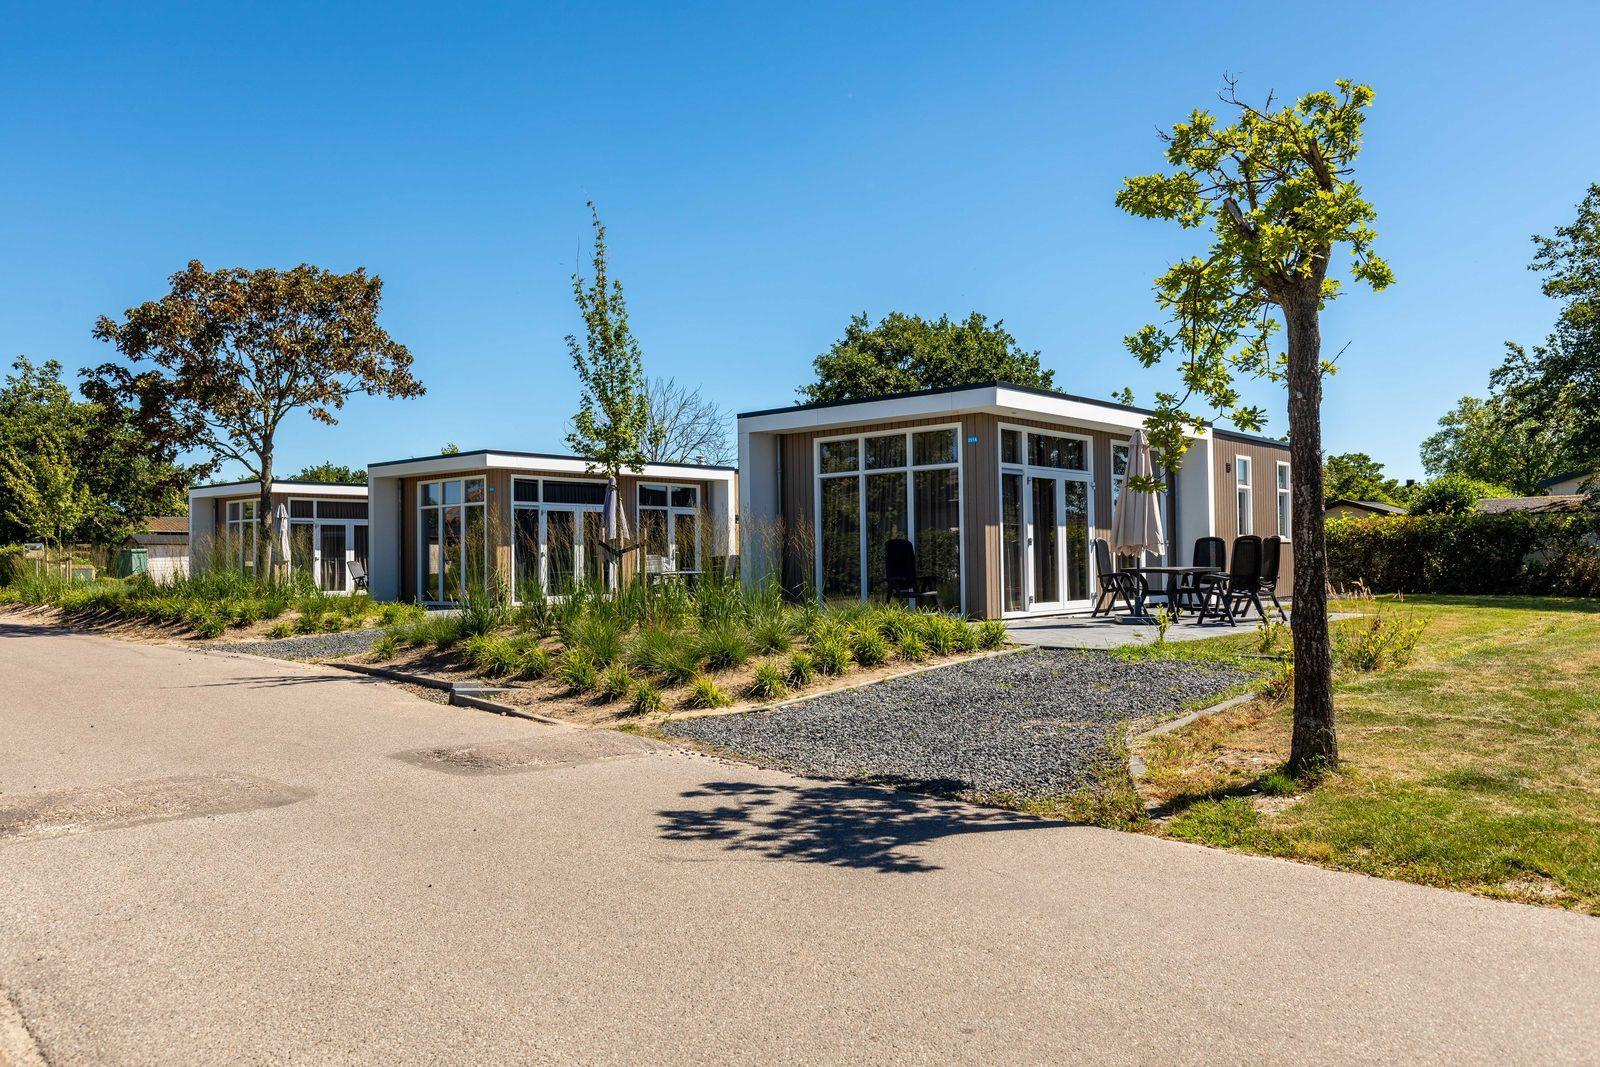 Vakantiewoningen te koop in Egmond